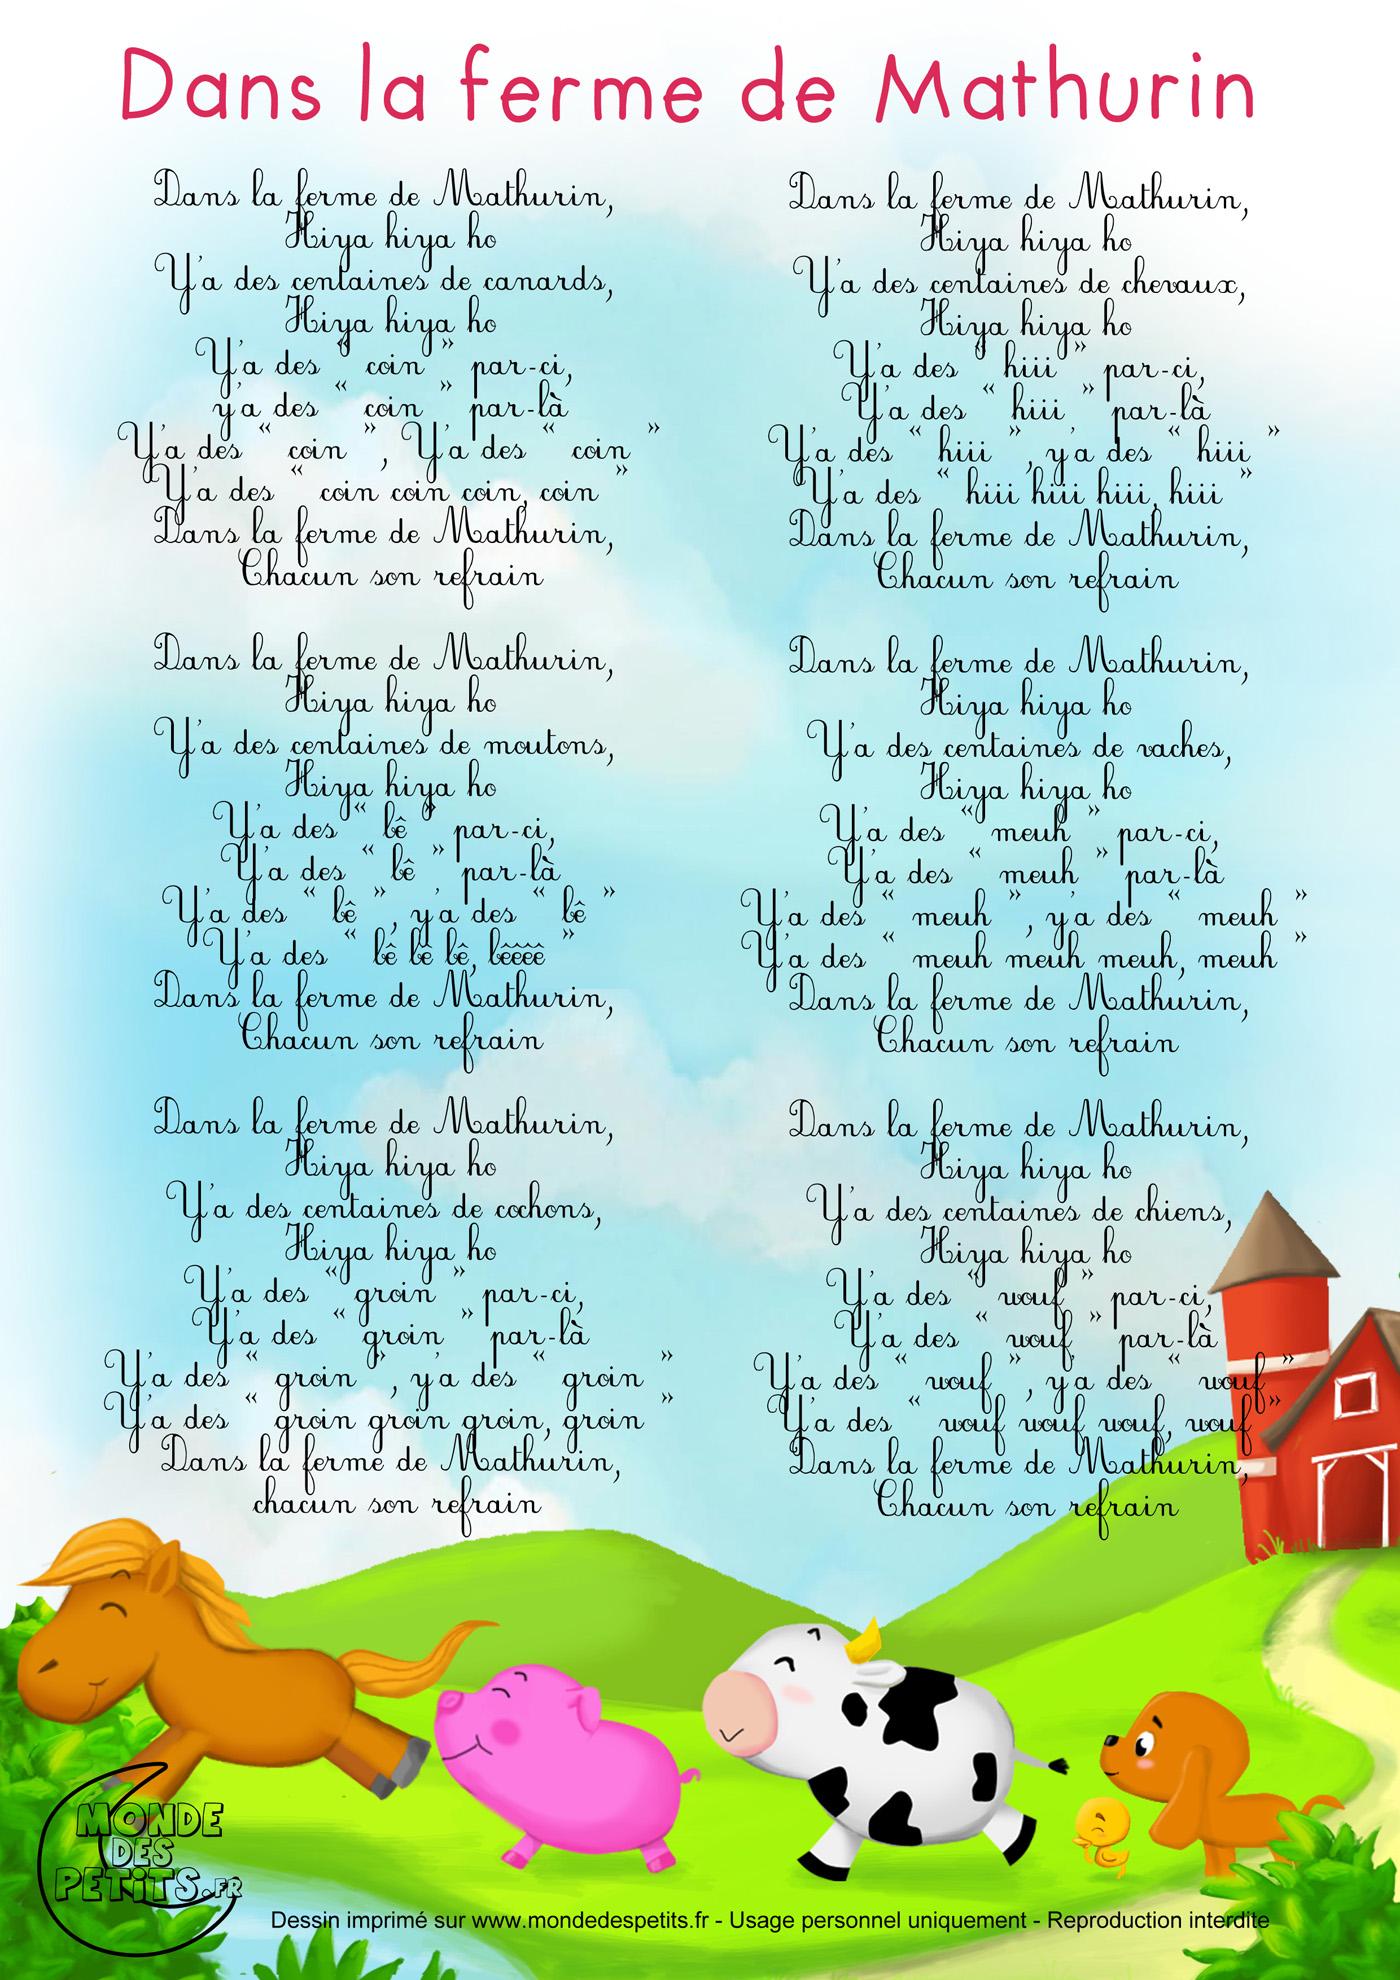 Dans la ferme de mathurin a imprimer pinterest for Dans banga paroles